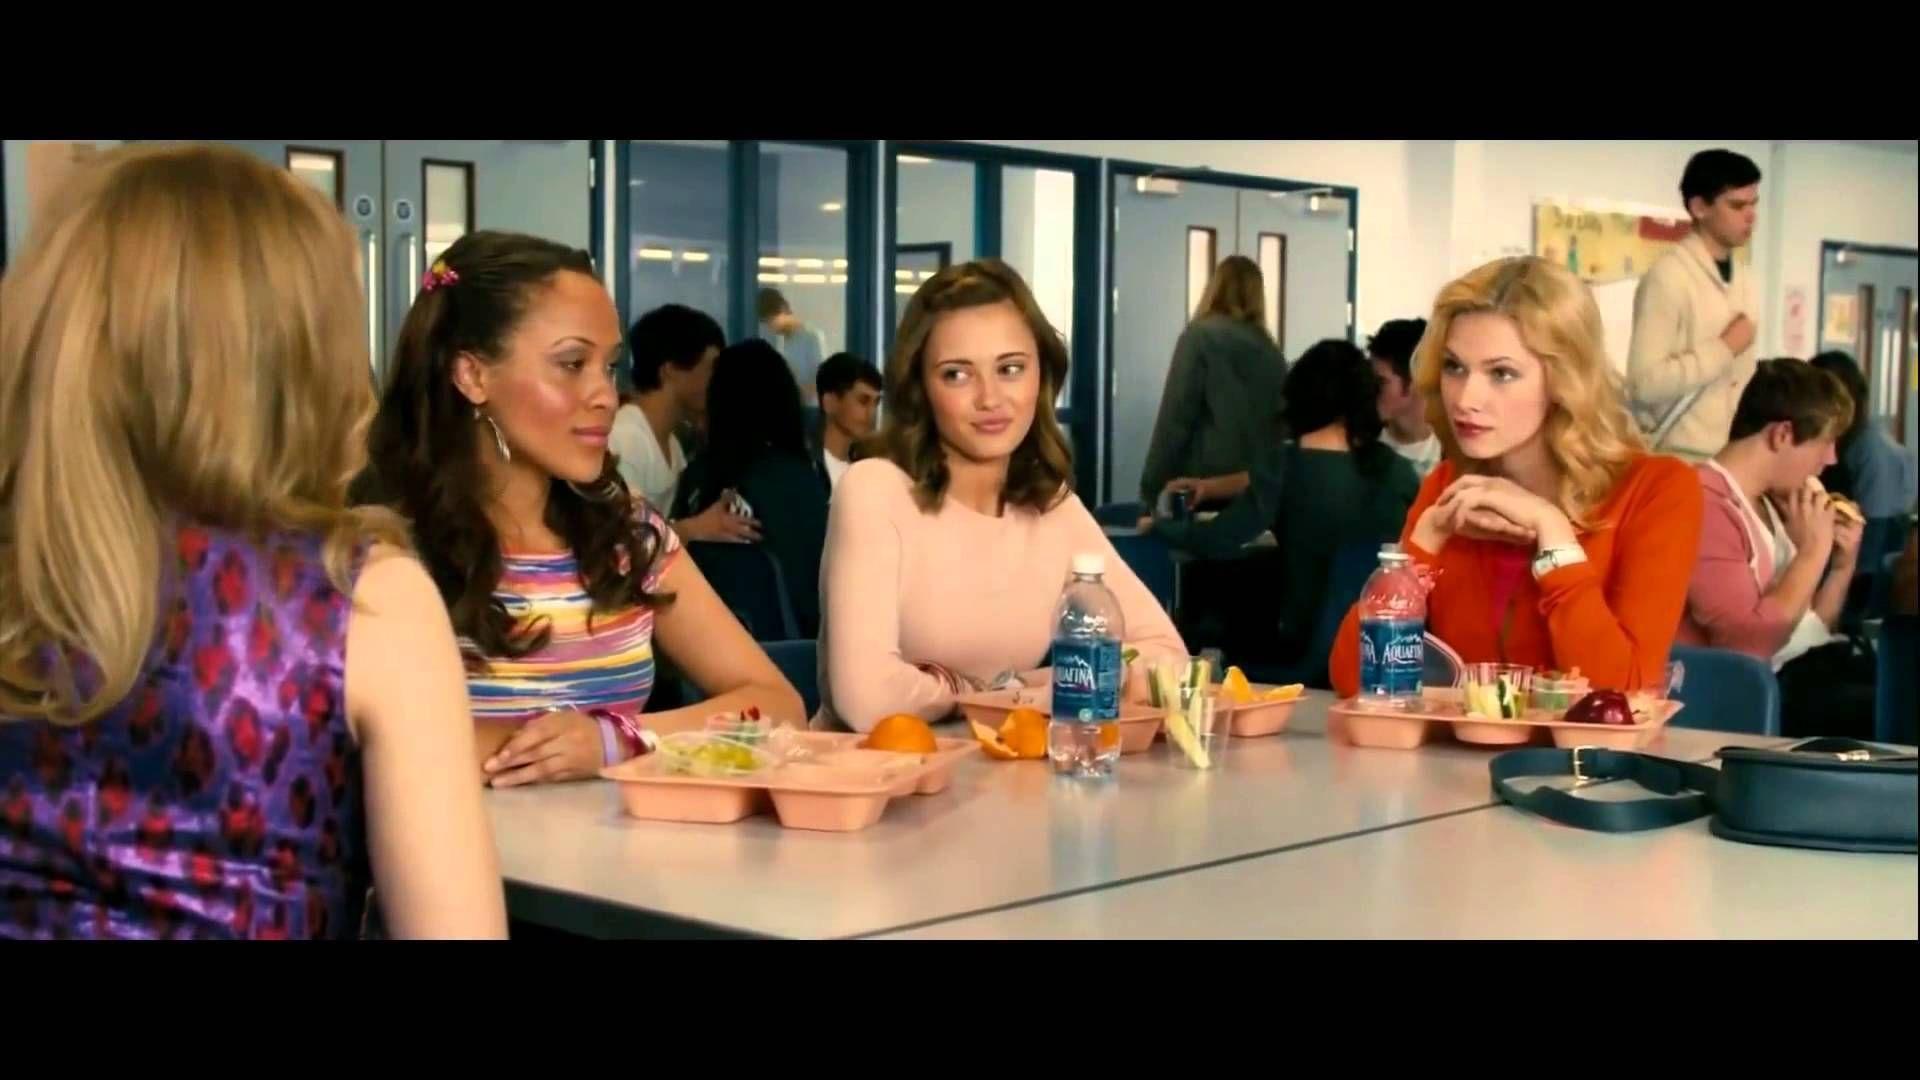 ¿Cómo se llama la chica que le hace la vida imposible a Mindy?